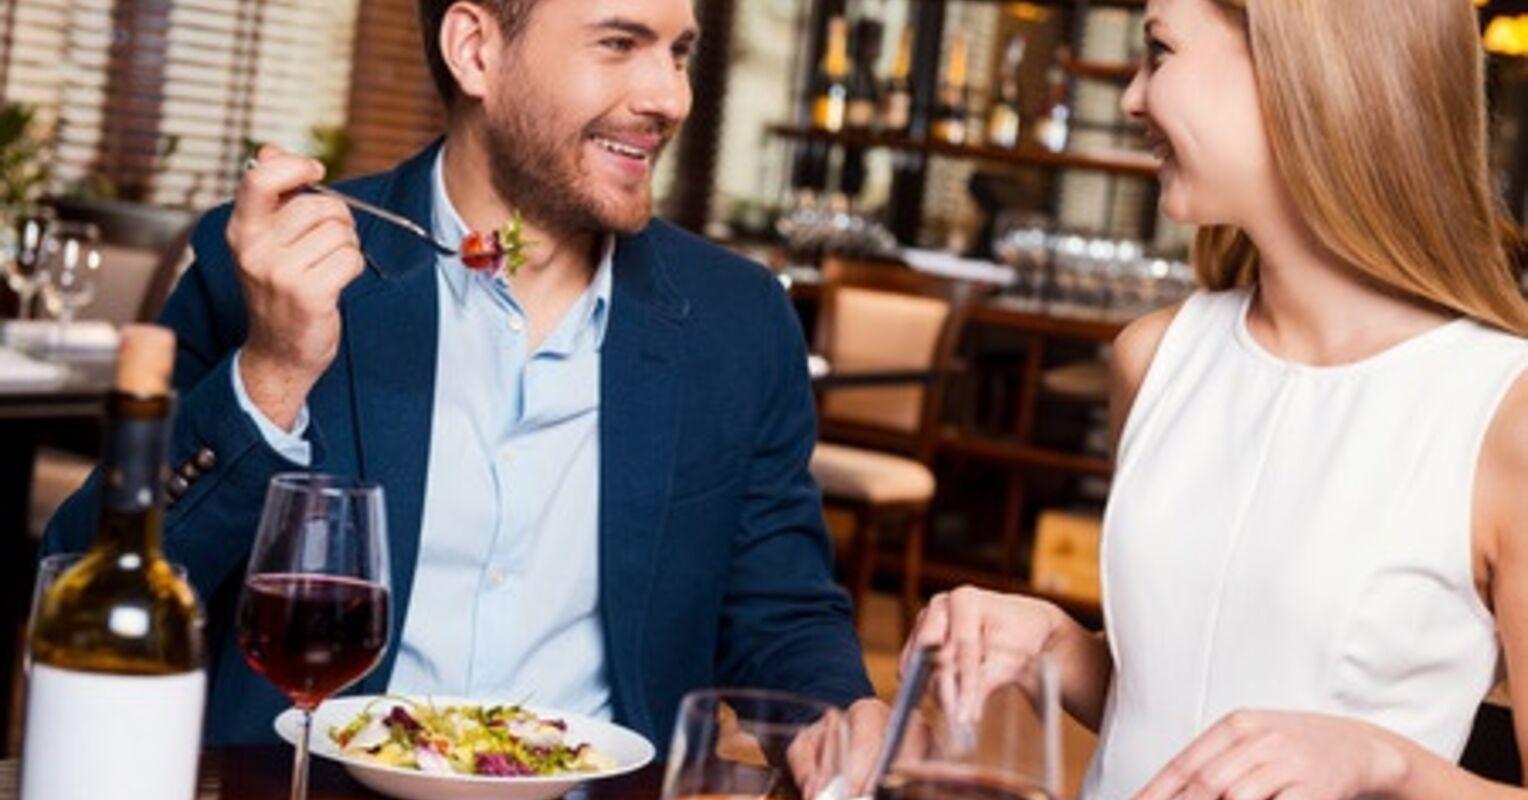 5 señales no verbales de que alguien está interesado en ti